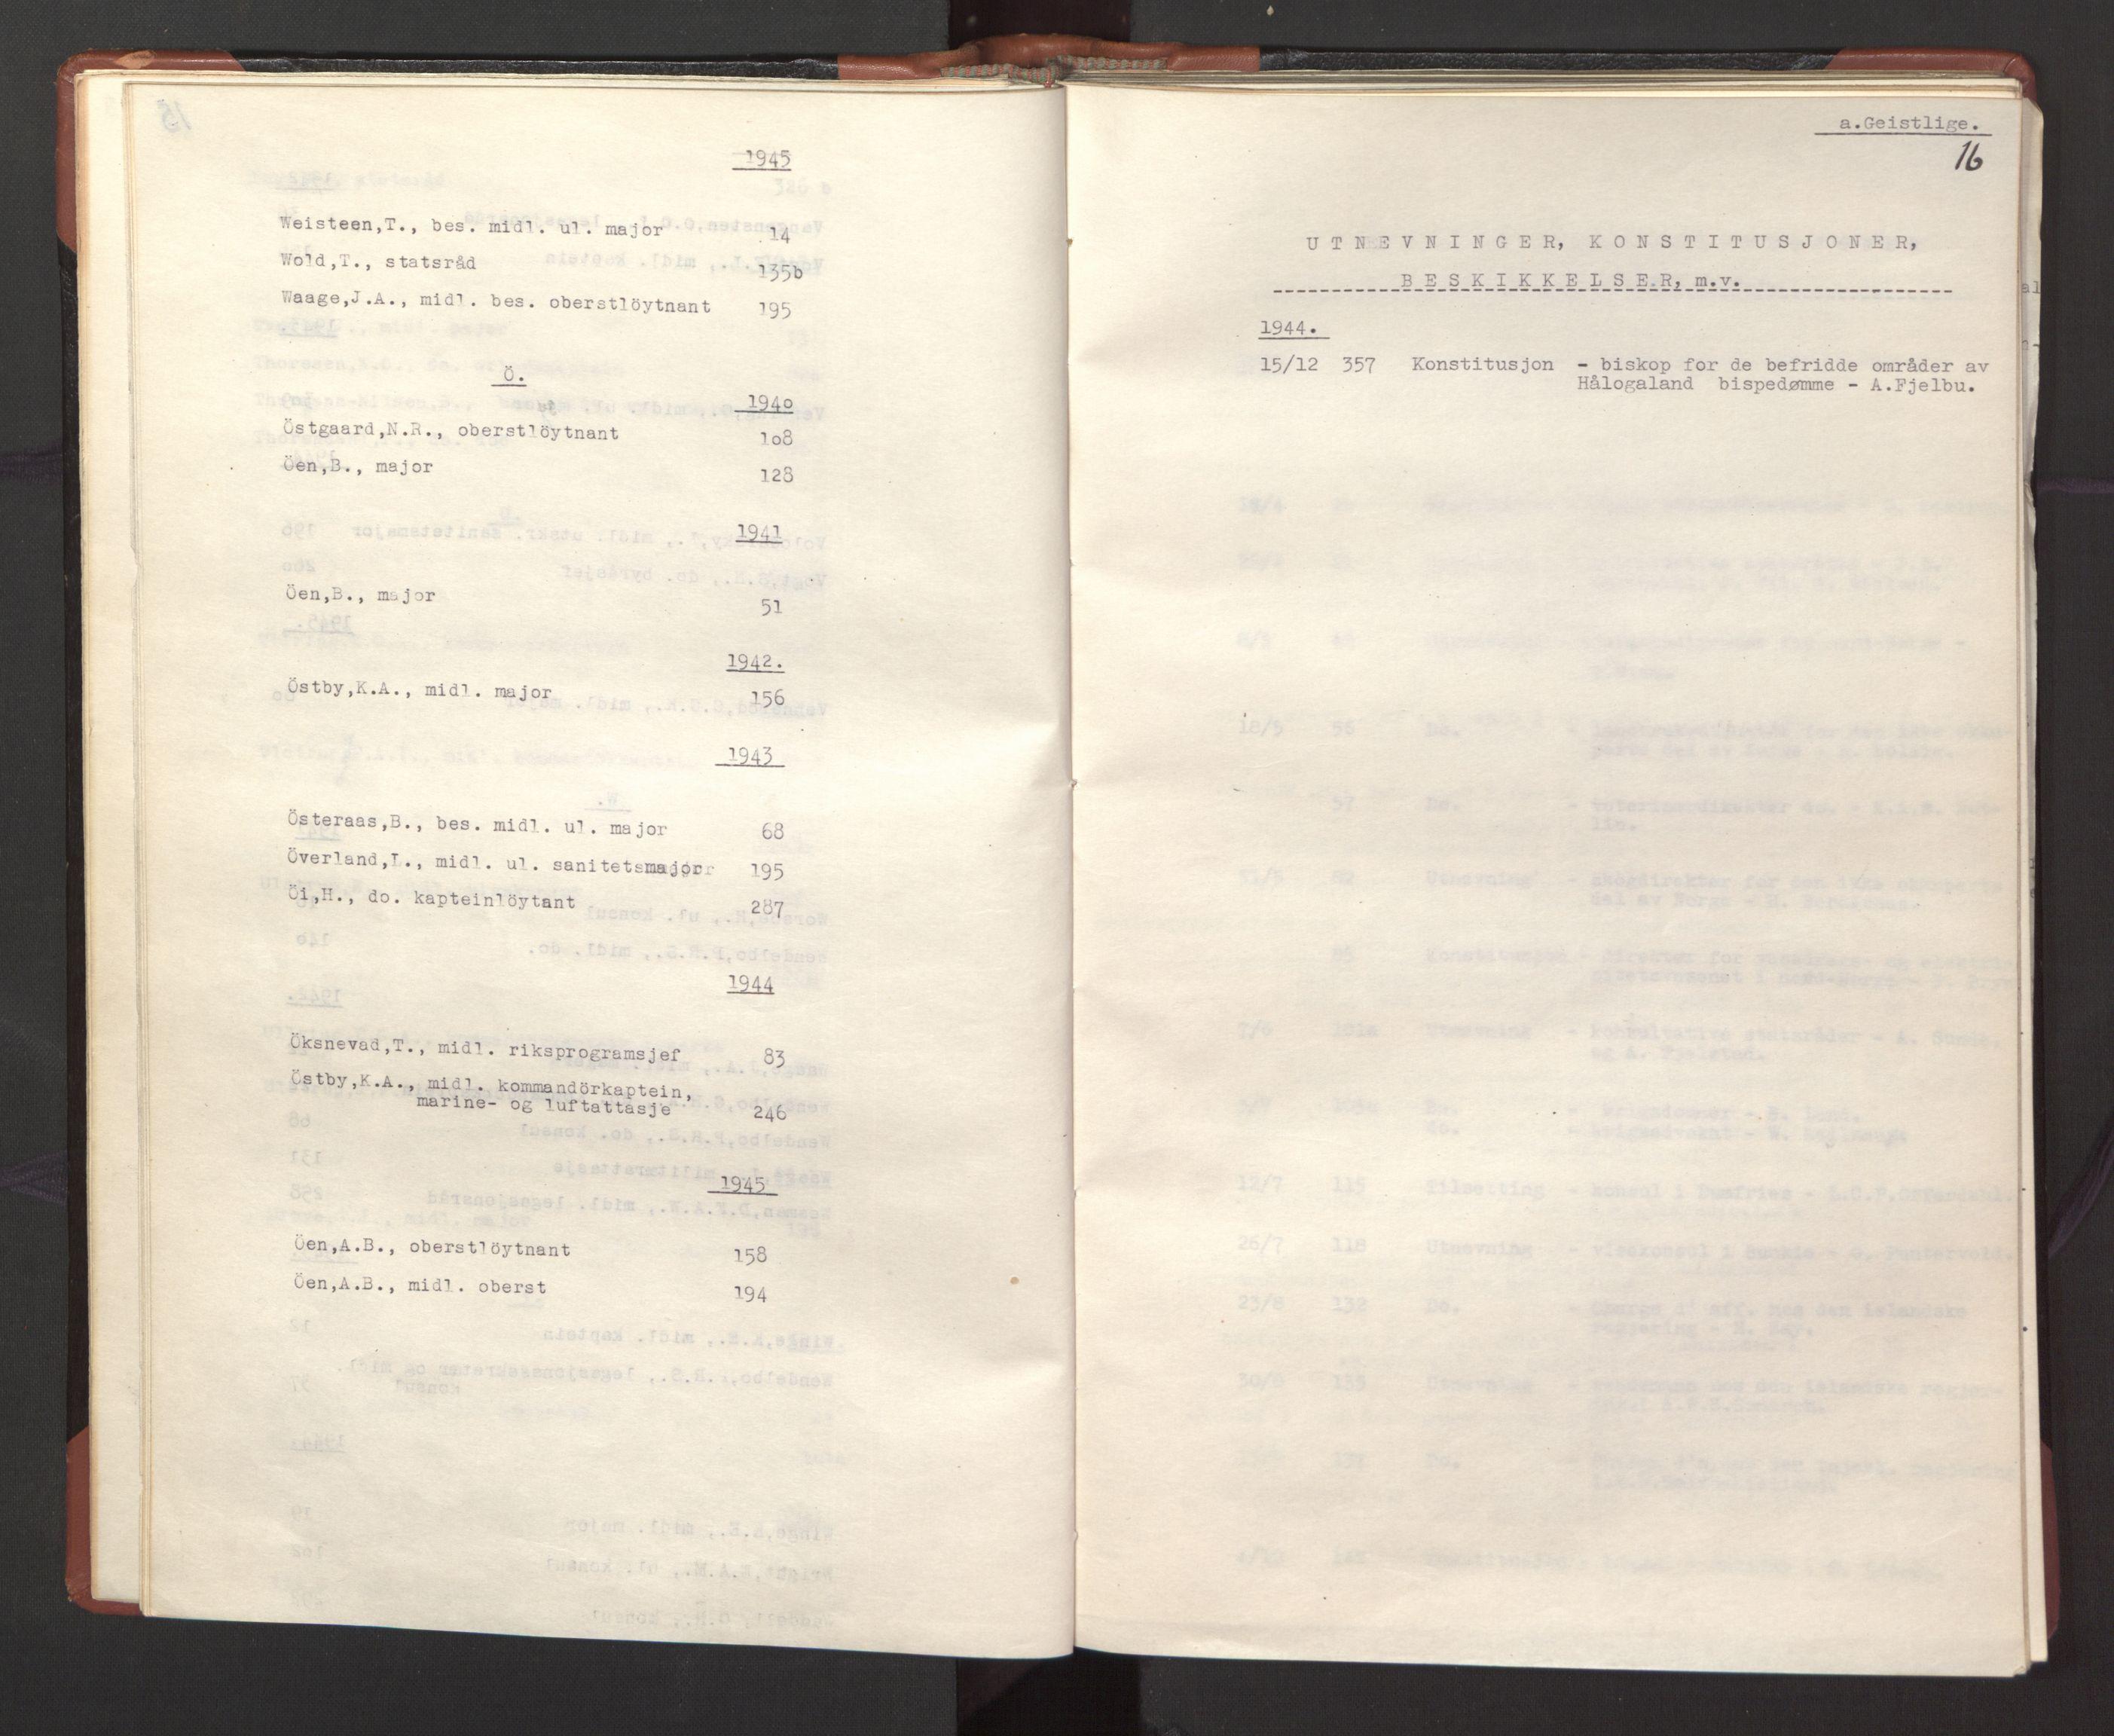 RA, Statsrådssekretariatet, A/Ac/L0127: Register 9/4-25/5, 1940-1945, s. 16